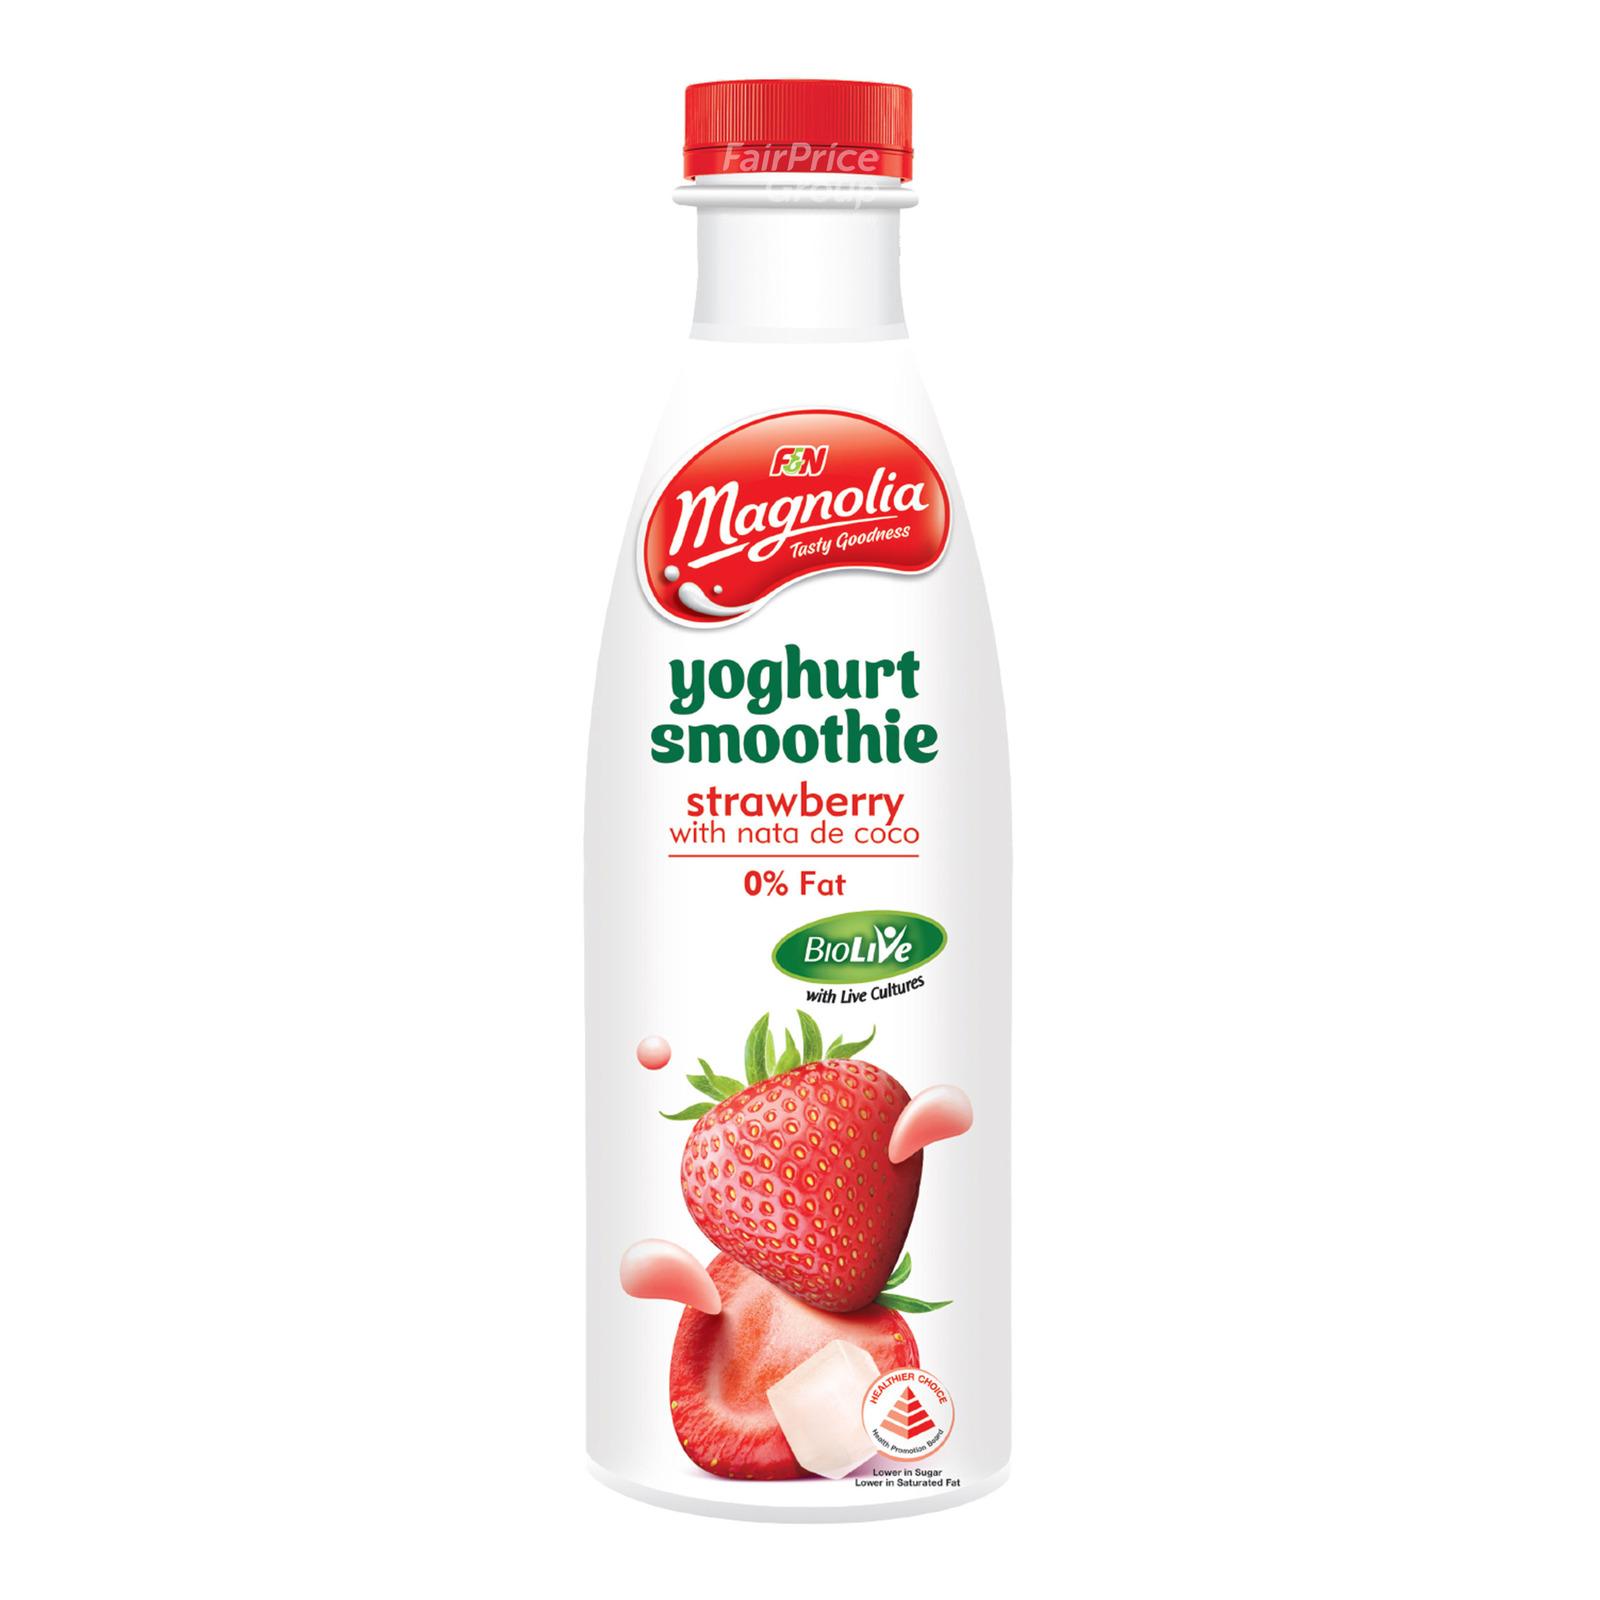 F&N Magnolia Yoghurt Bottle Smoothie - Strawberry & NatadeCoco